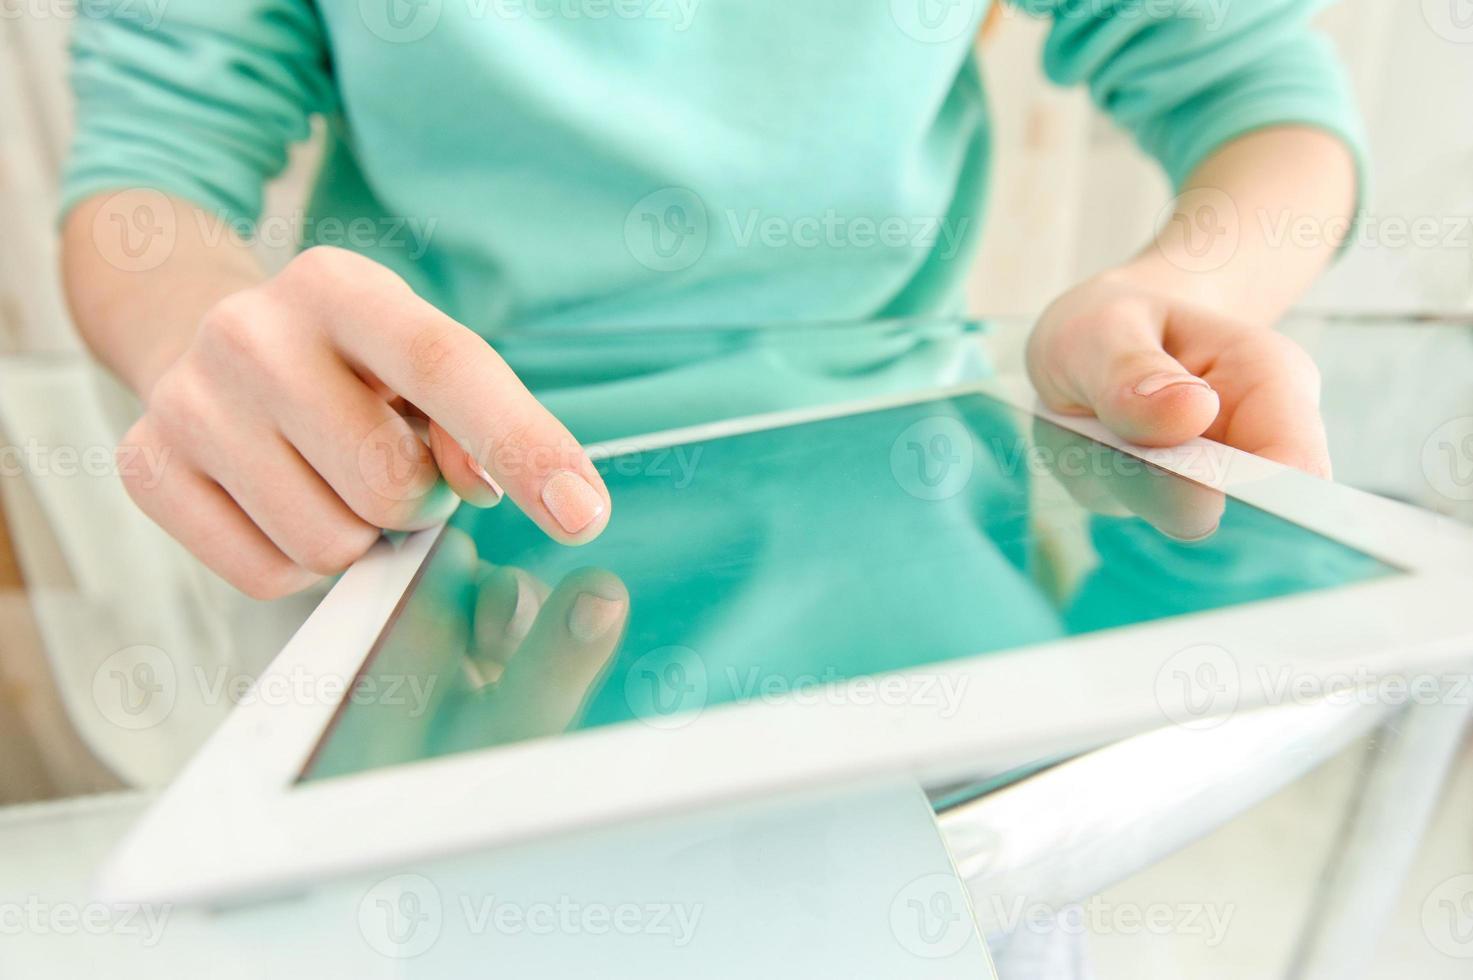 écran tactile sur tablette numérique moderne. photo